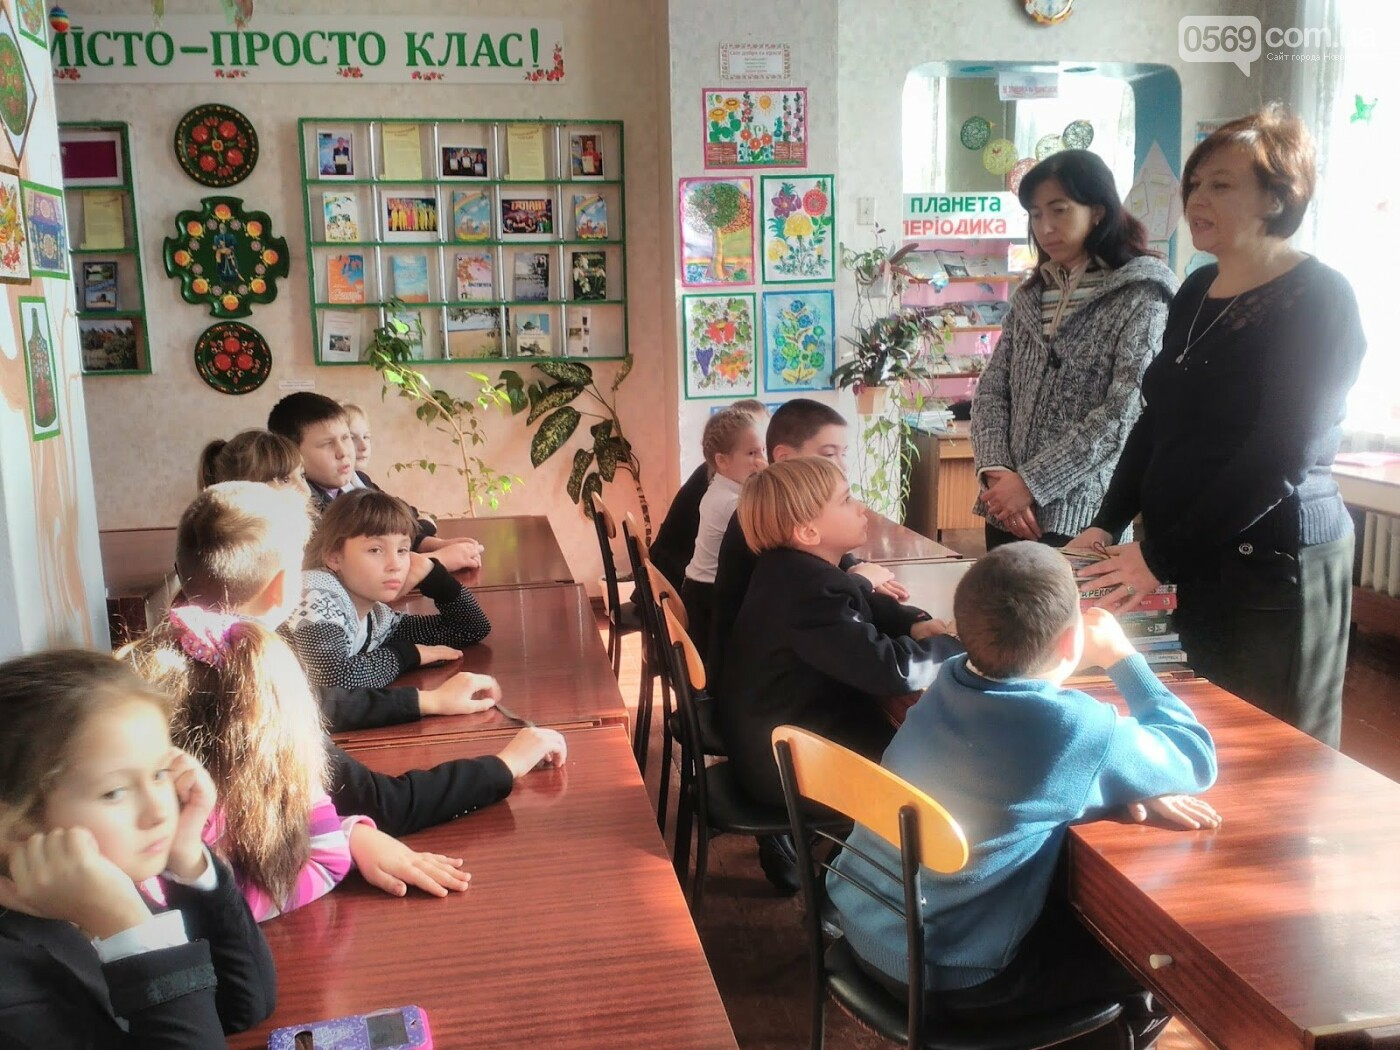 В Новомосковській дитячій бібліотеці відбувся День інформації, фото-2